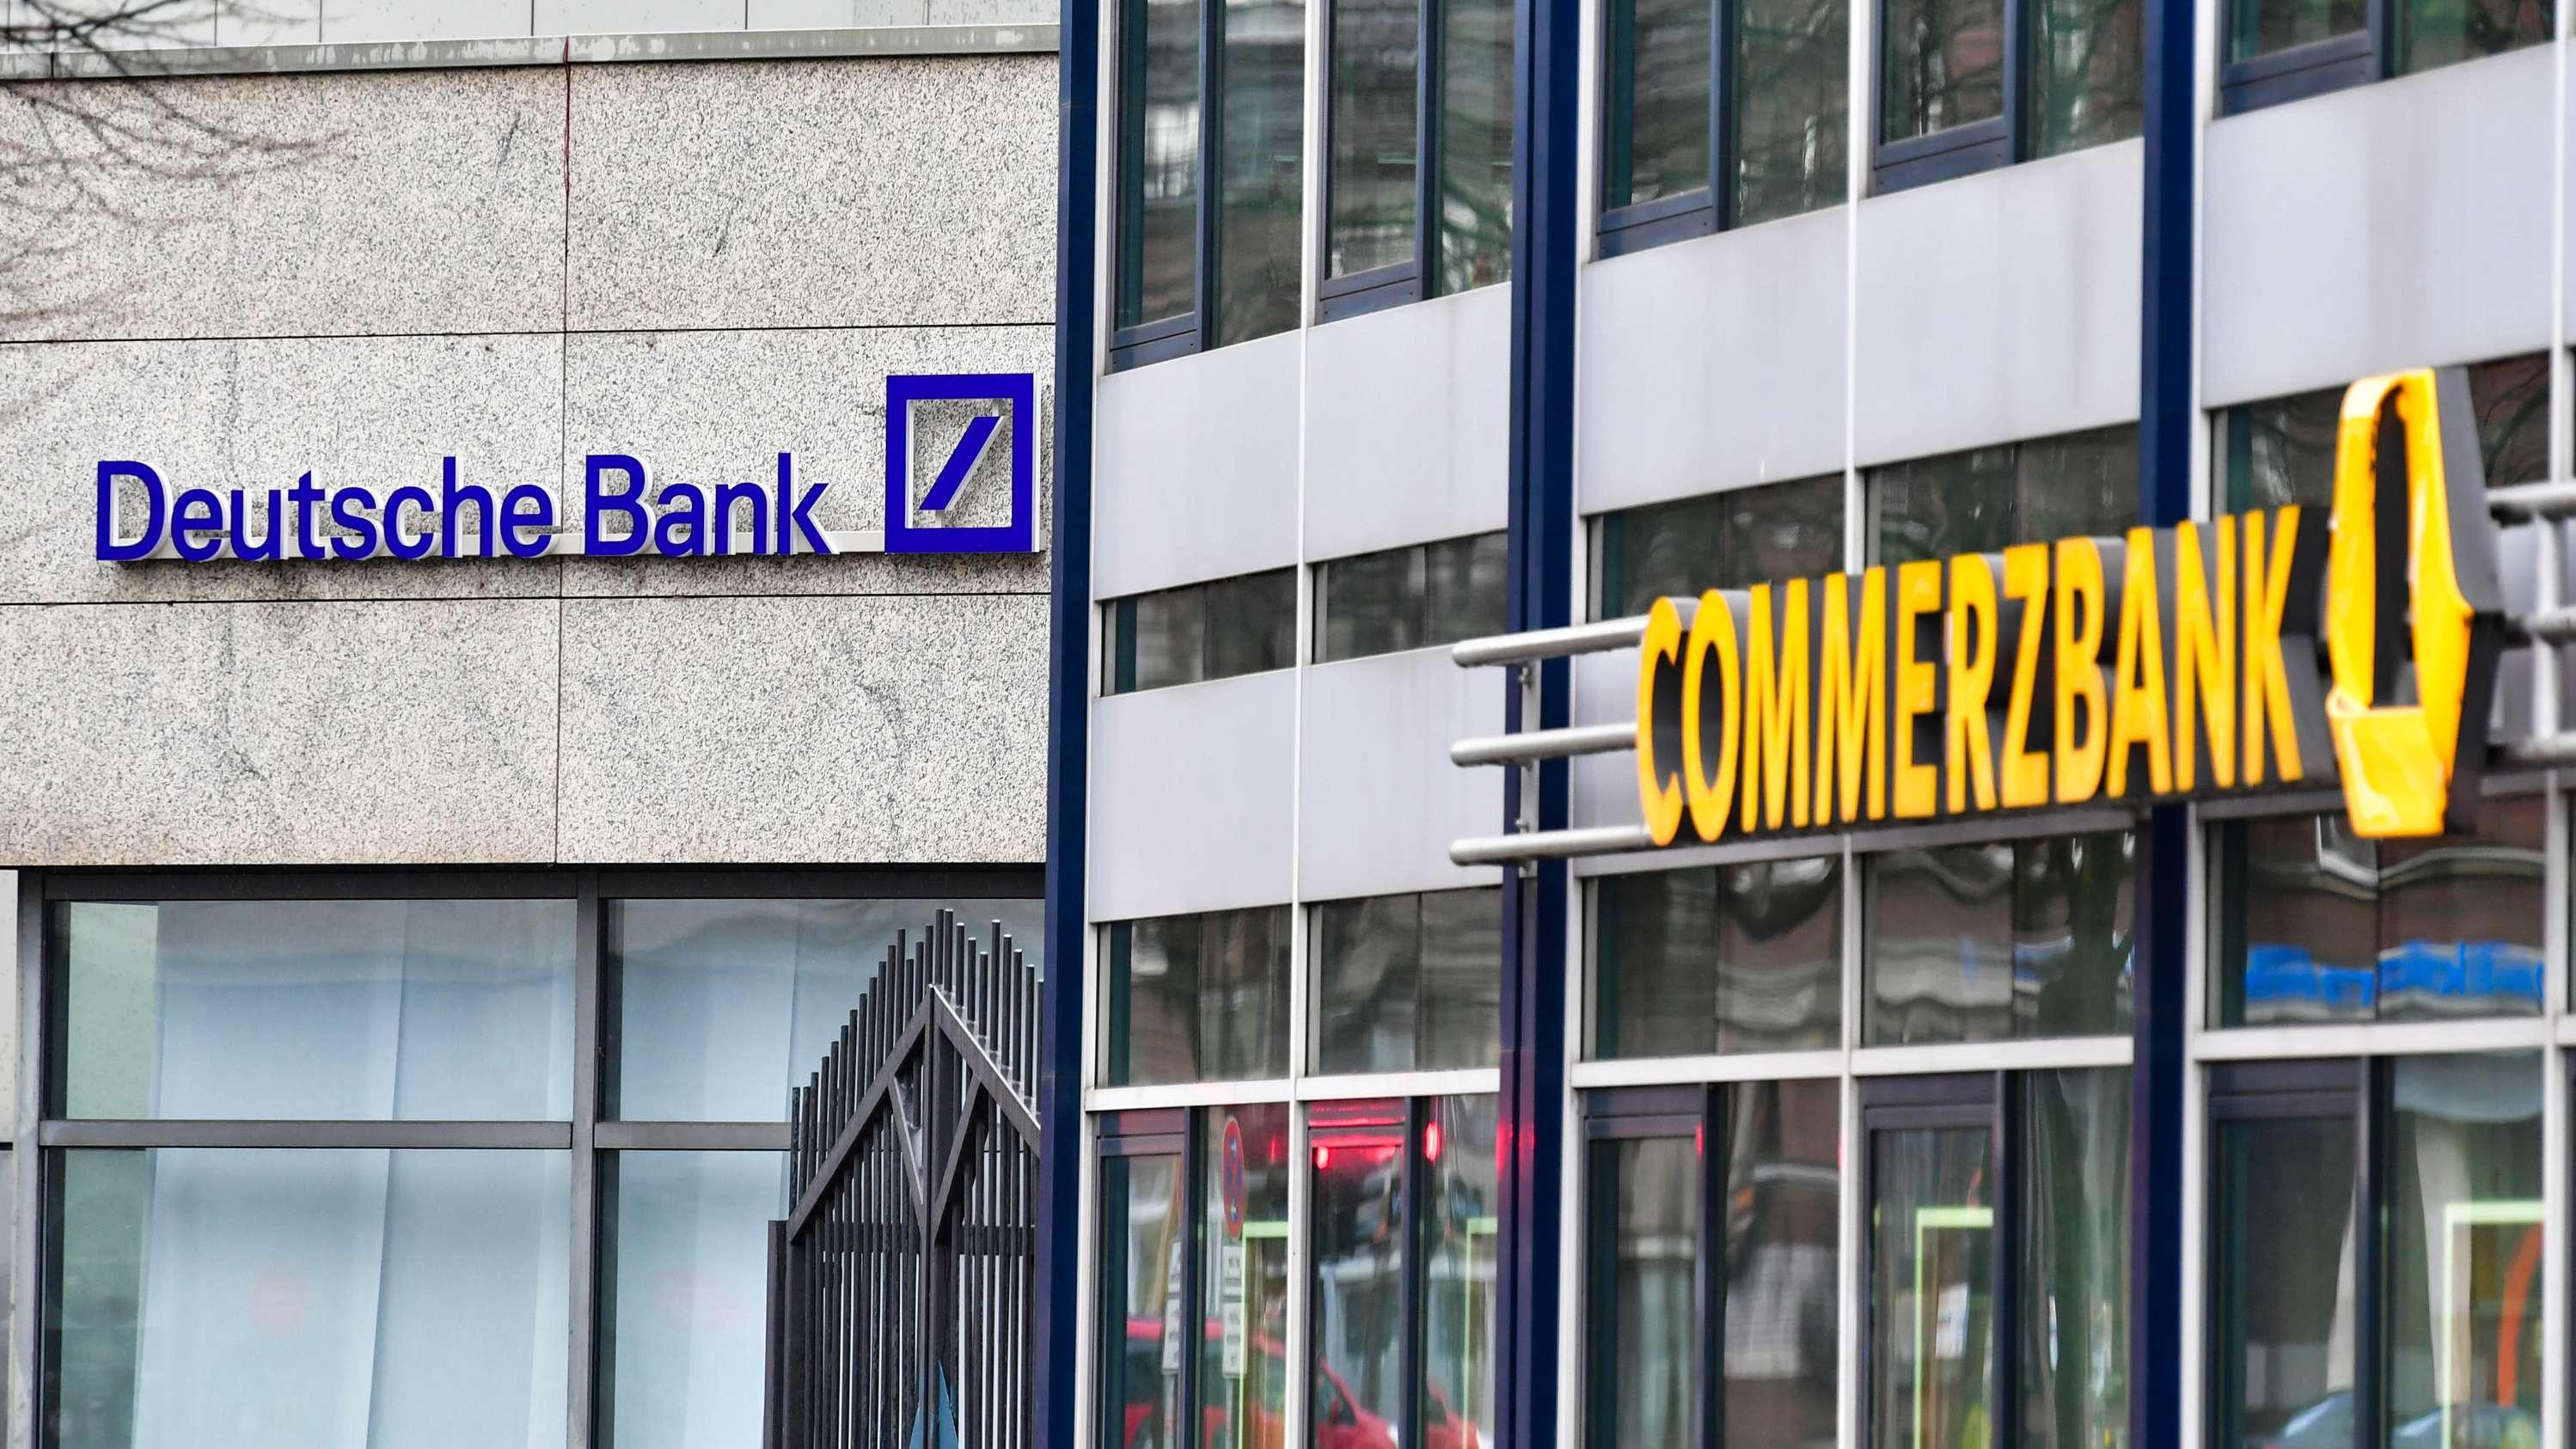 Zwei benachbarte Filialen von Commerzbank und Deutscher Bank